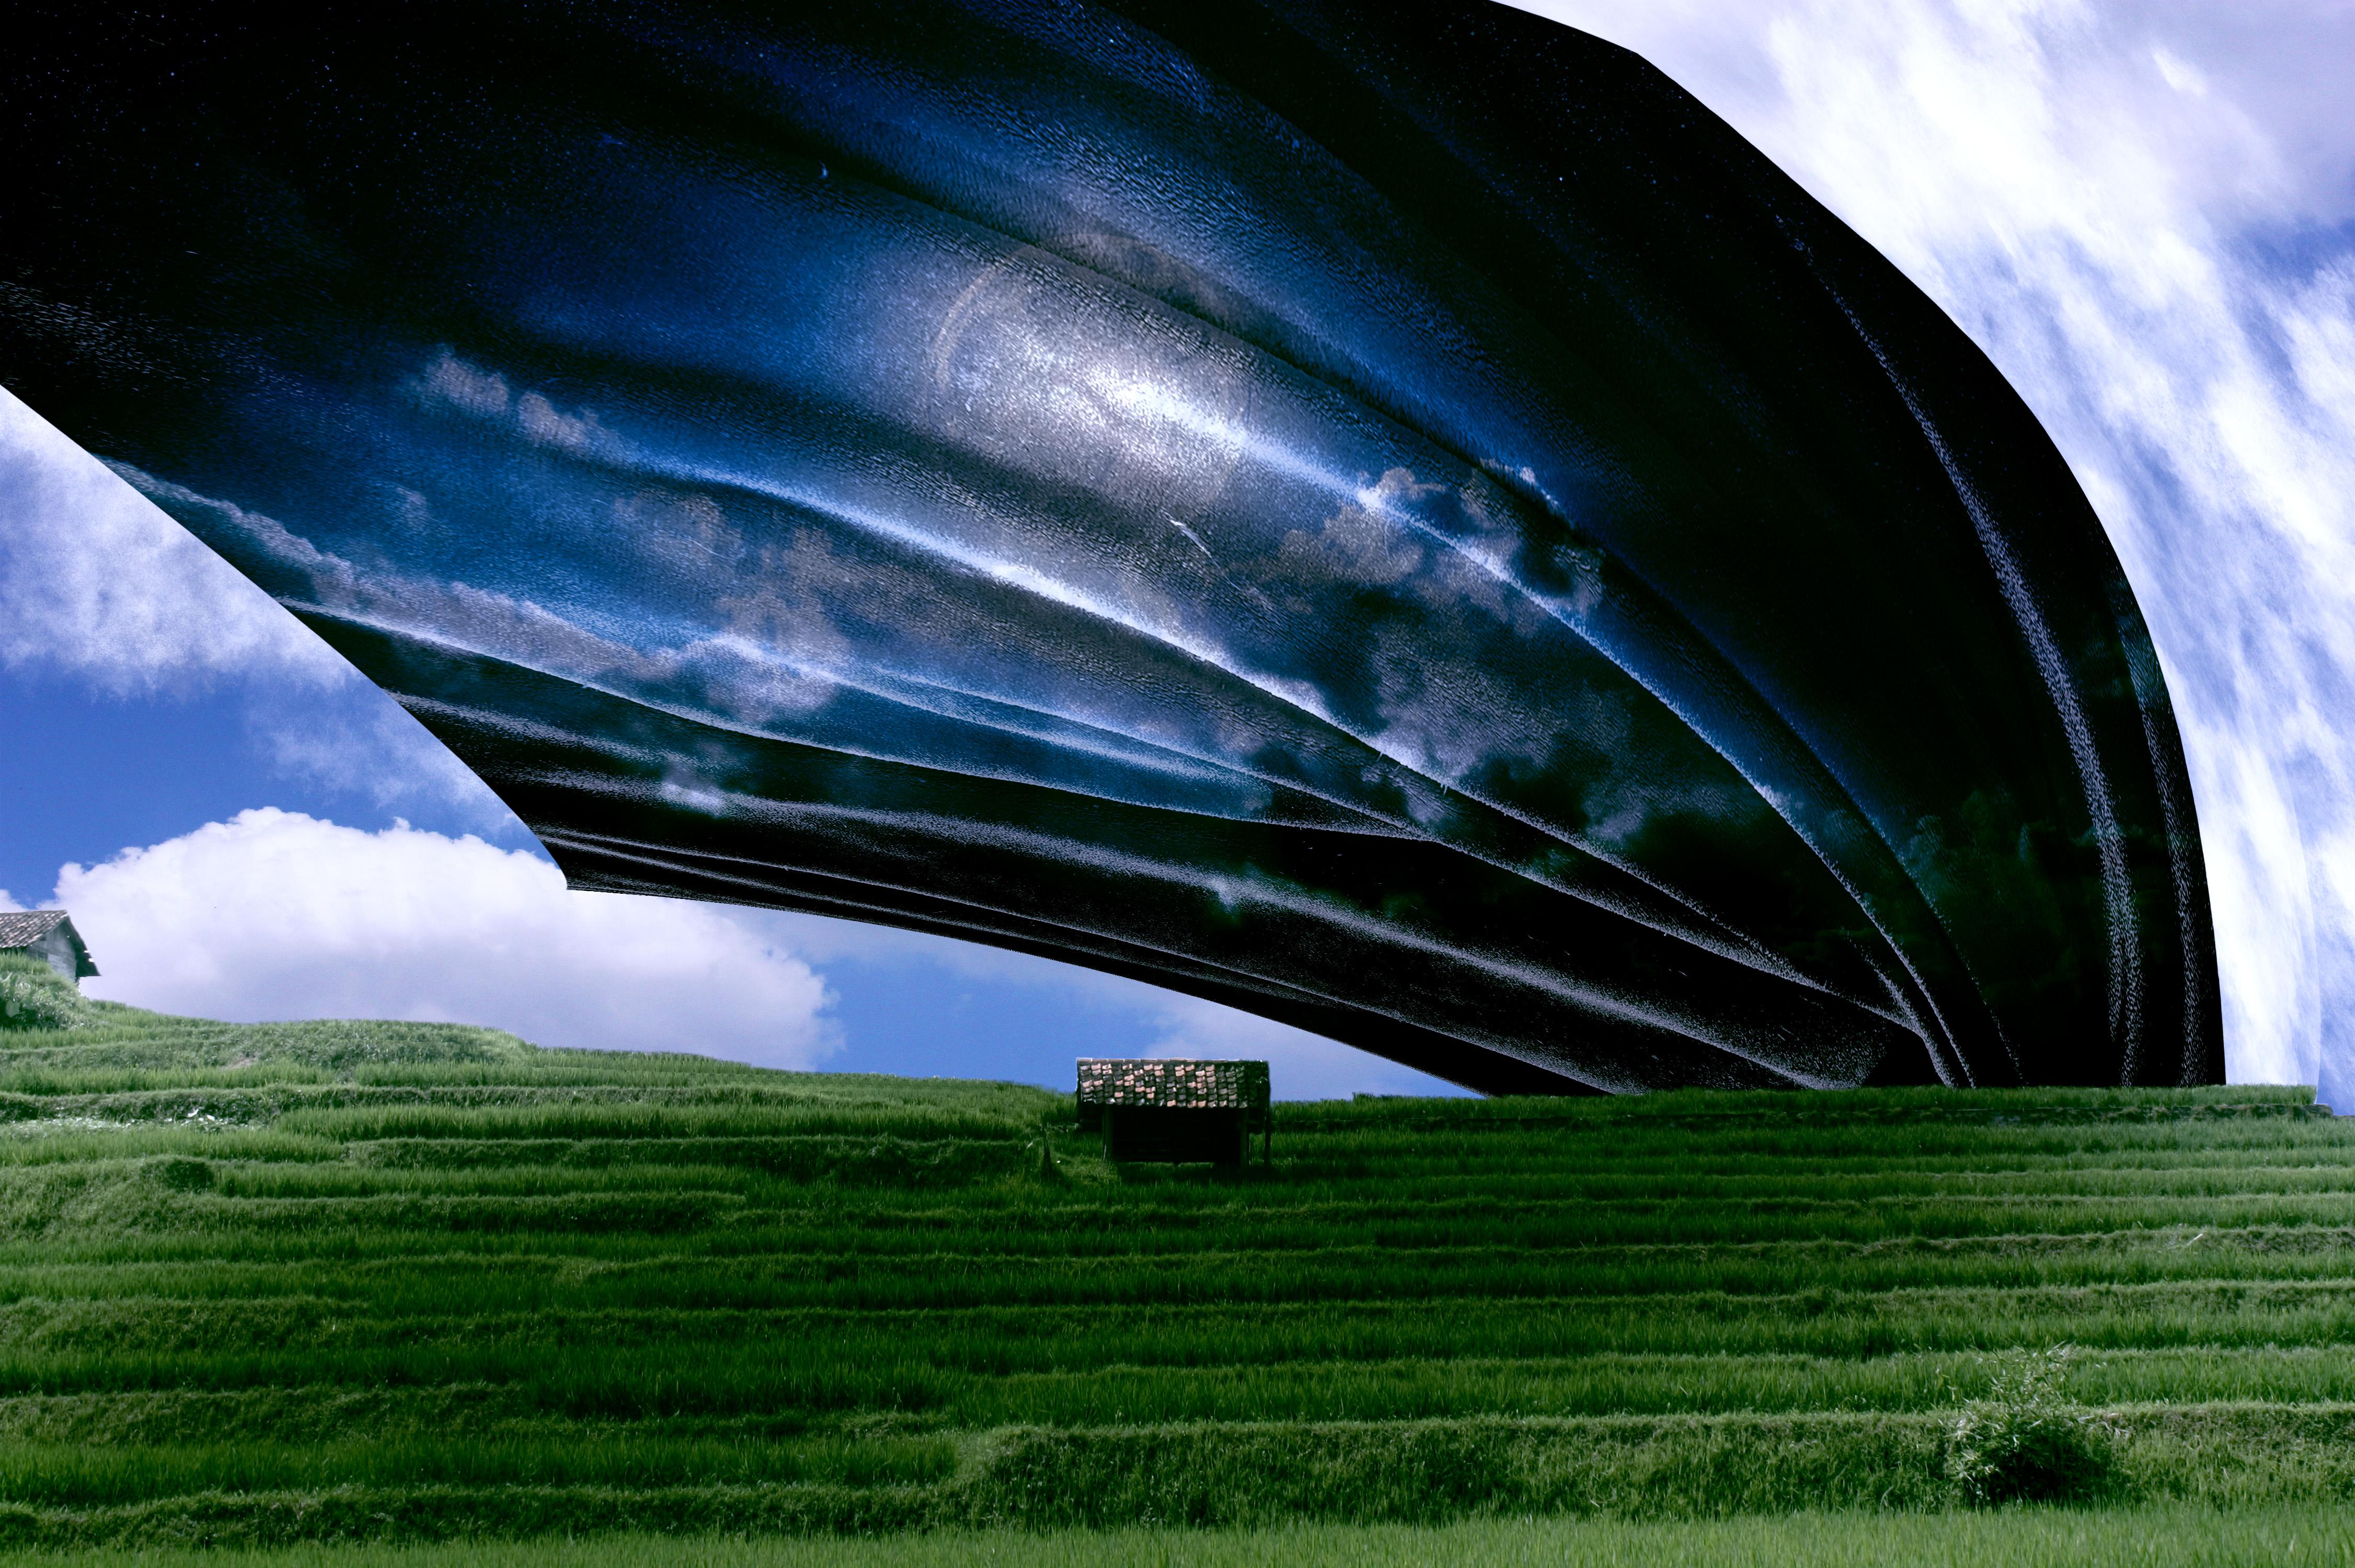 art sky nature green atmosphere grass grassland field daytime landscape cloud meadow computer wallpaper energy horizon 1427069